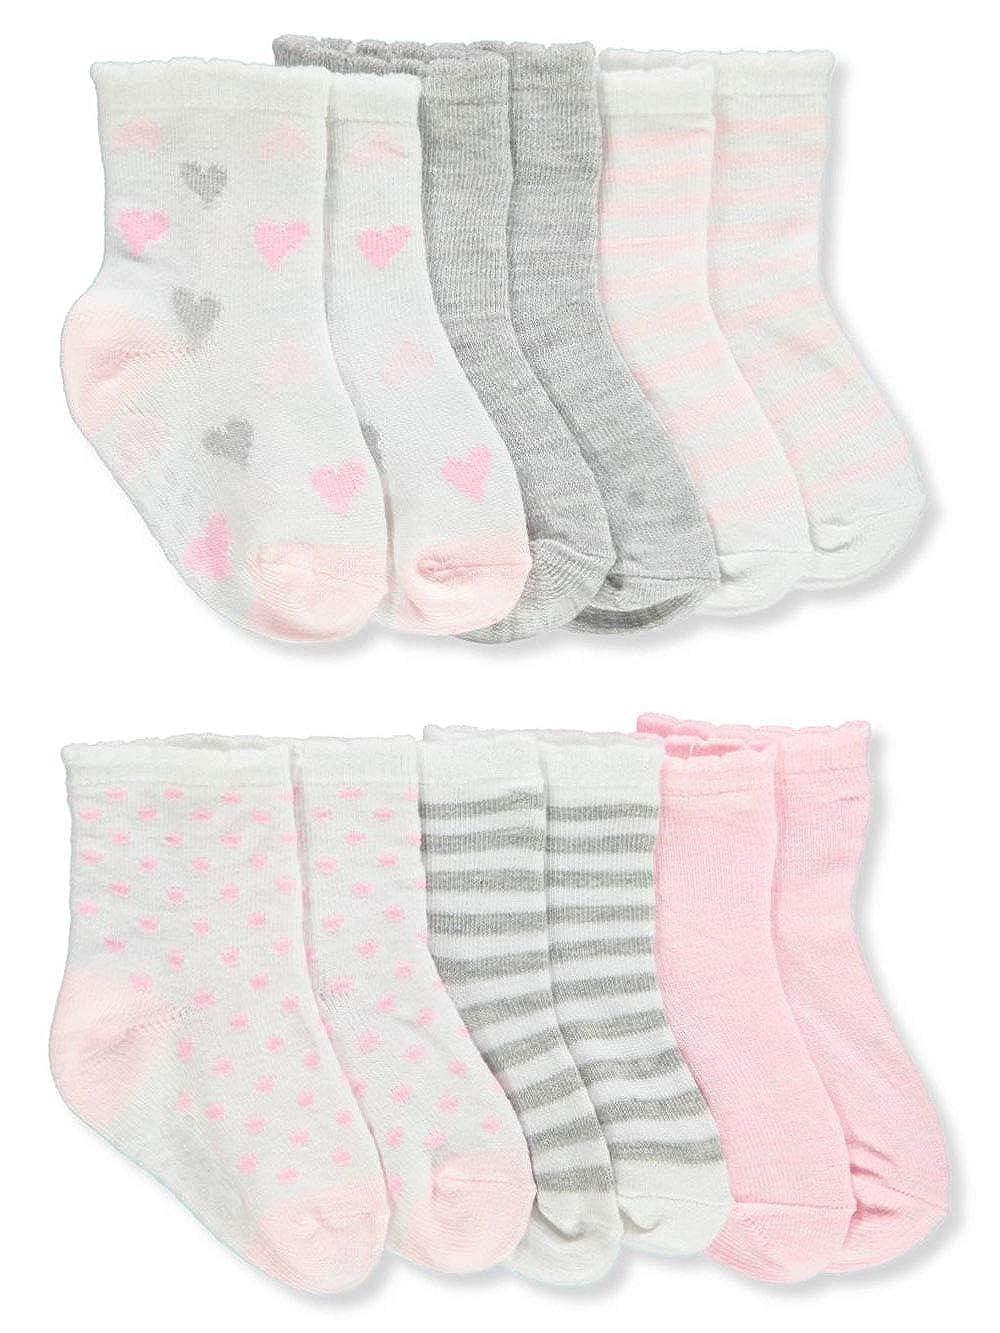 Aden Baby Girls 6-Pack Gripper Socks